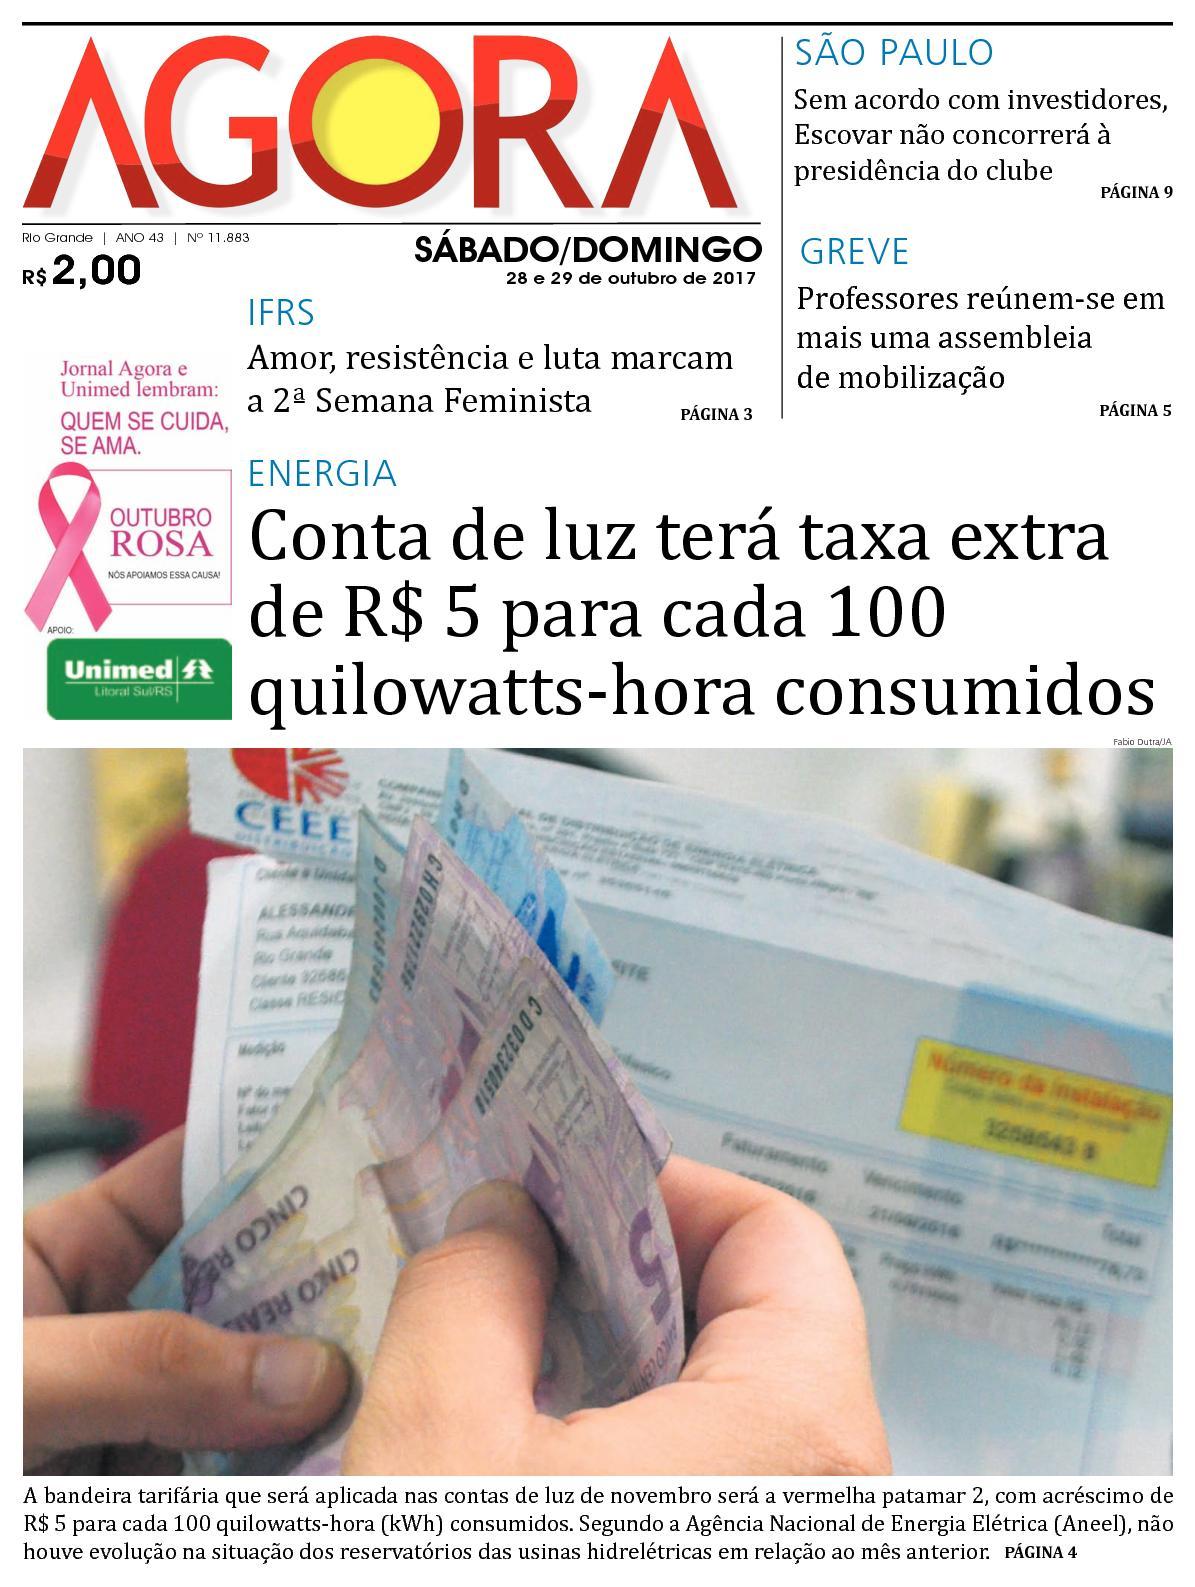 b41495085bc Calaméo - Jornal Agora - Edição 11883 - 28 e 29 de Outubro de 2017